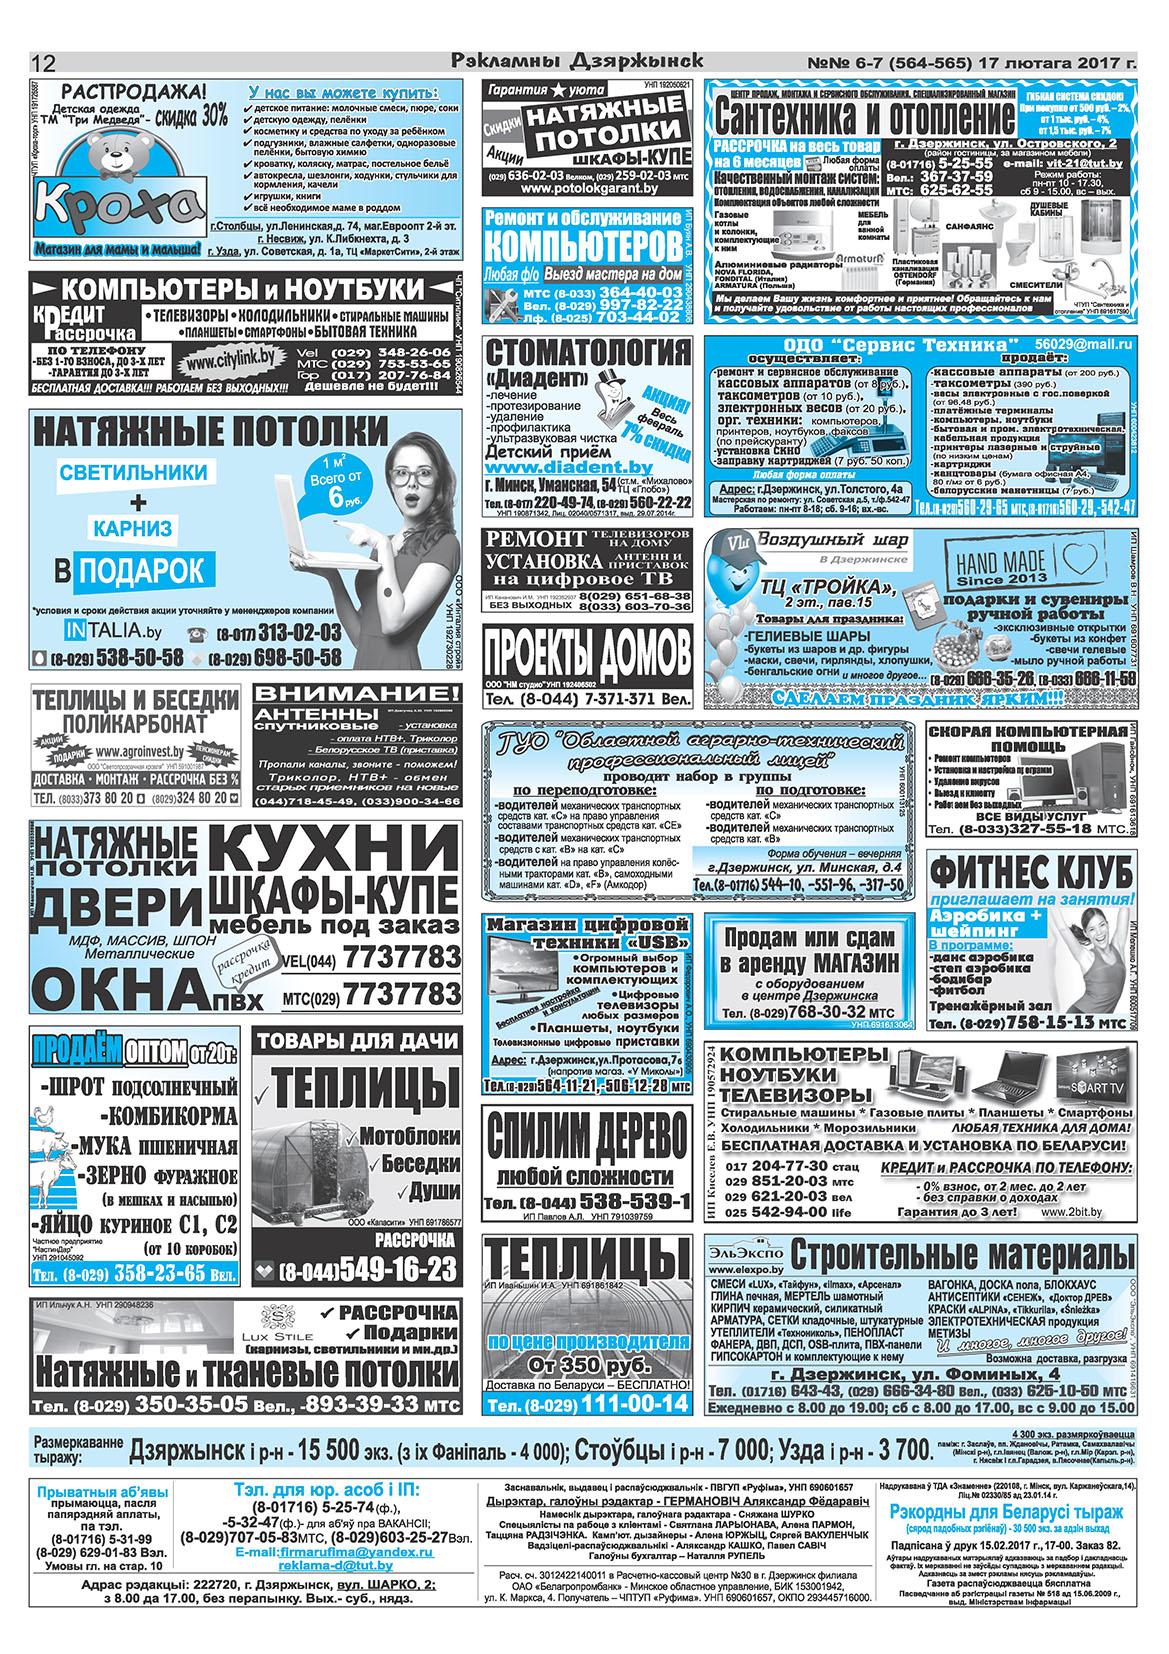 Дзержинское телевидение поздравление телепочта